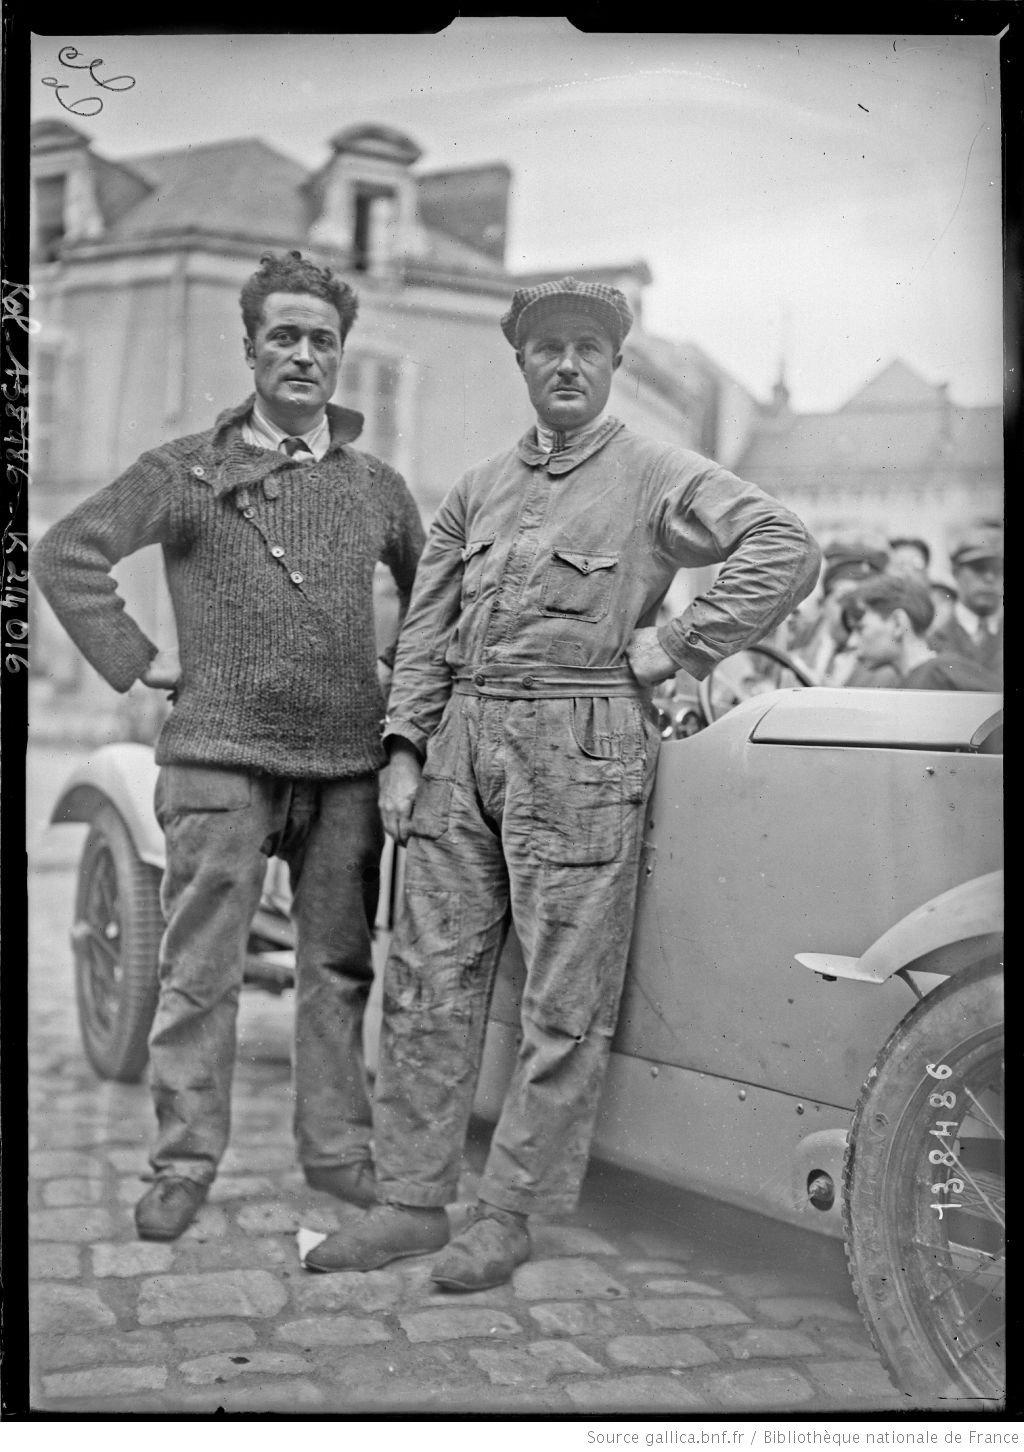 De gauche à droite, Auguste] Caralp, [Louis] Devaux sur BNC [coureurs automobiles français, au pesage des 24 h du Mans, le 130629]  [photographie de presse]  [Agence Rol].